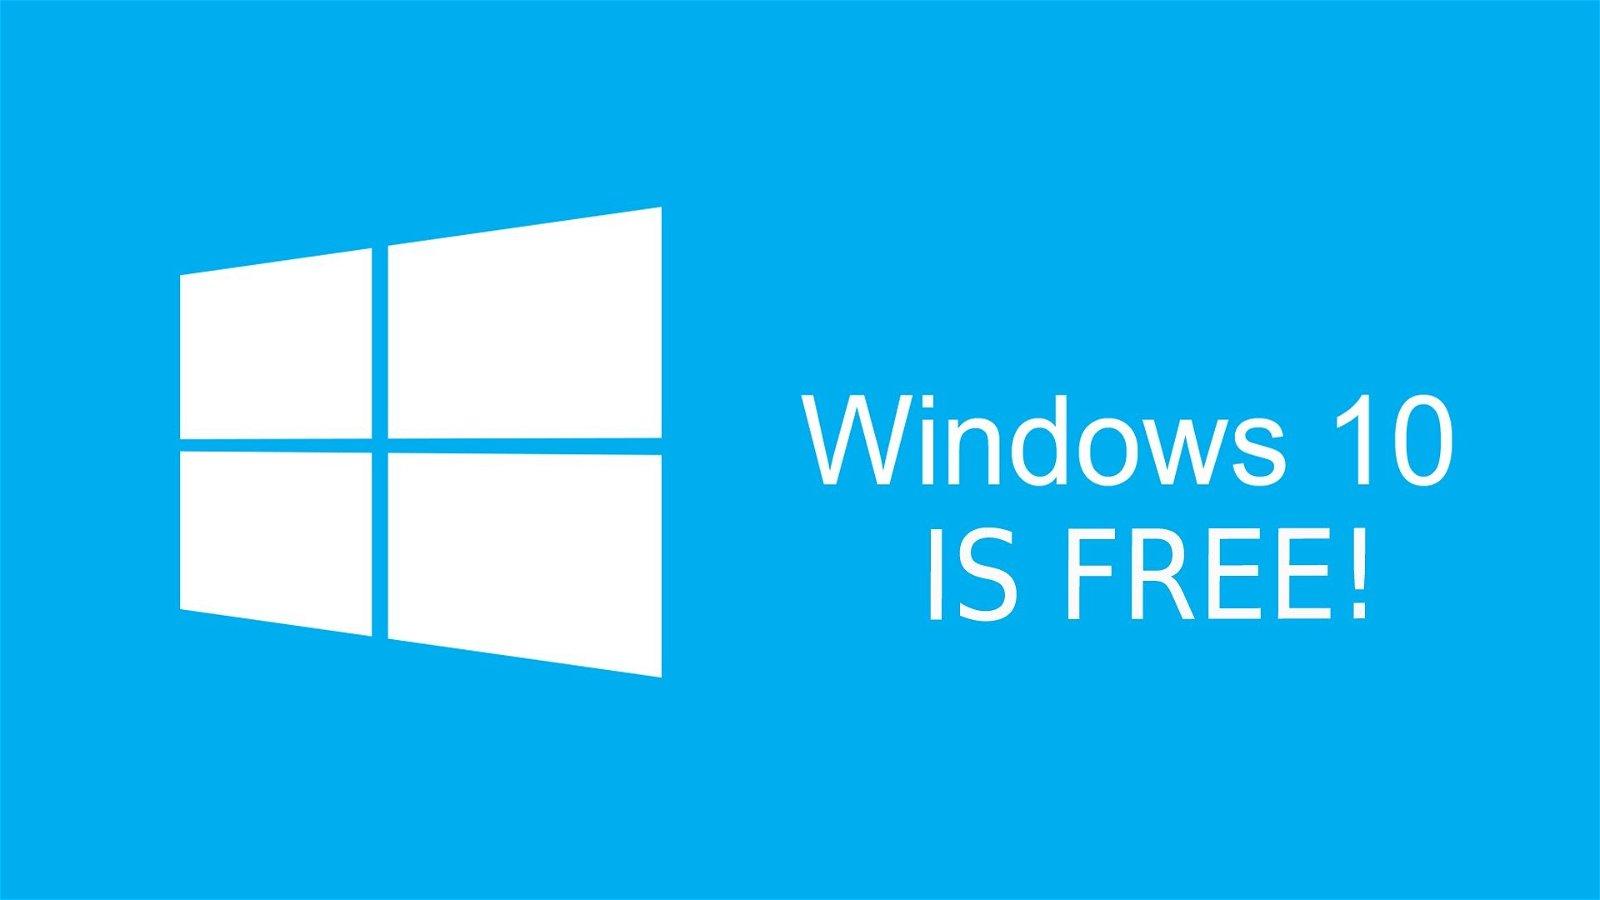 Windows 10 puedes descargarse totalmente gratis con este sencillo paso